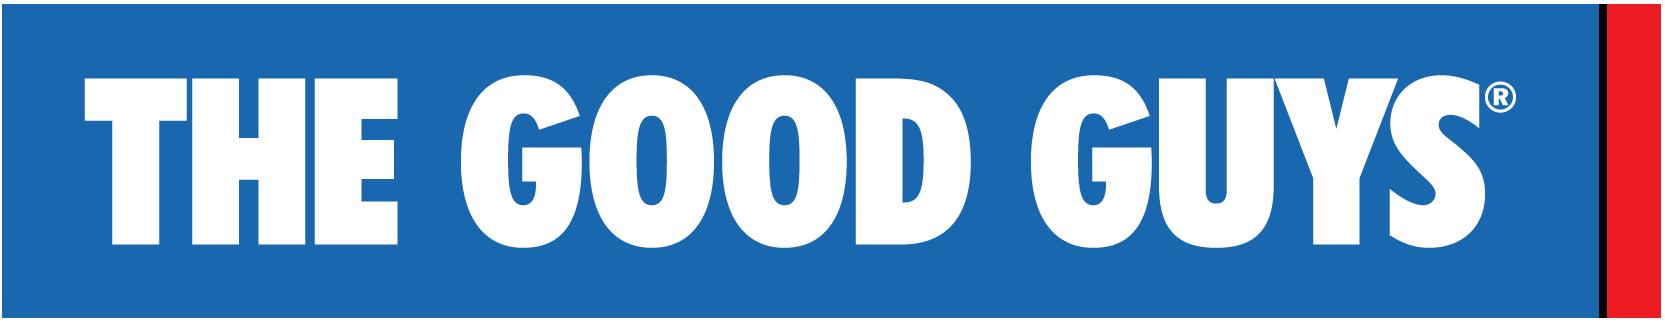 good-guys-logo-main.png